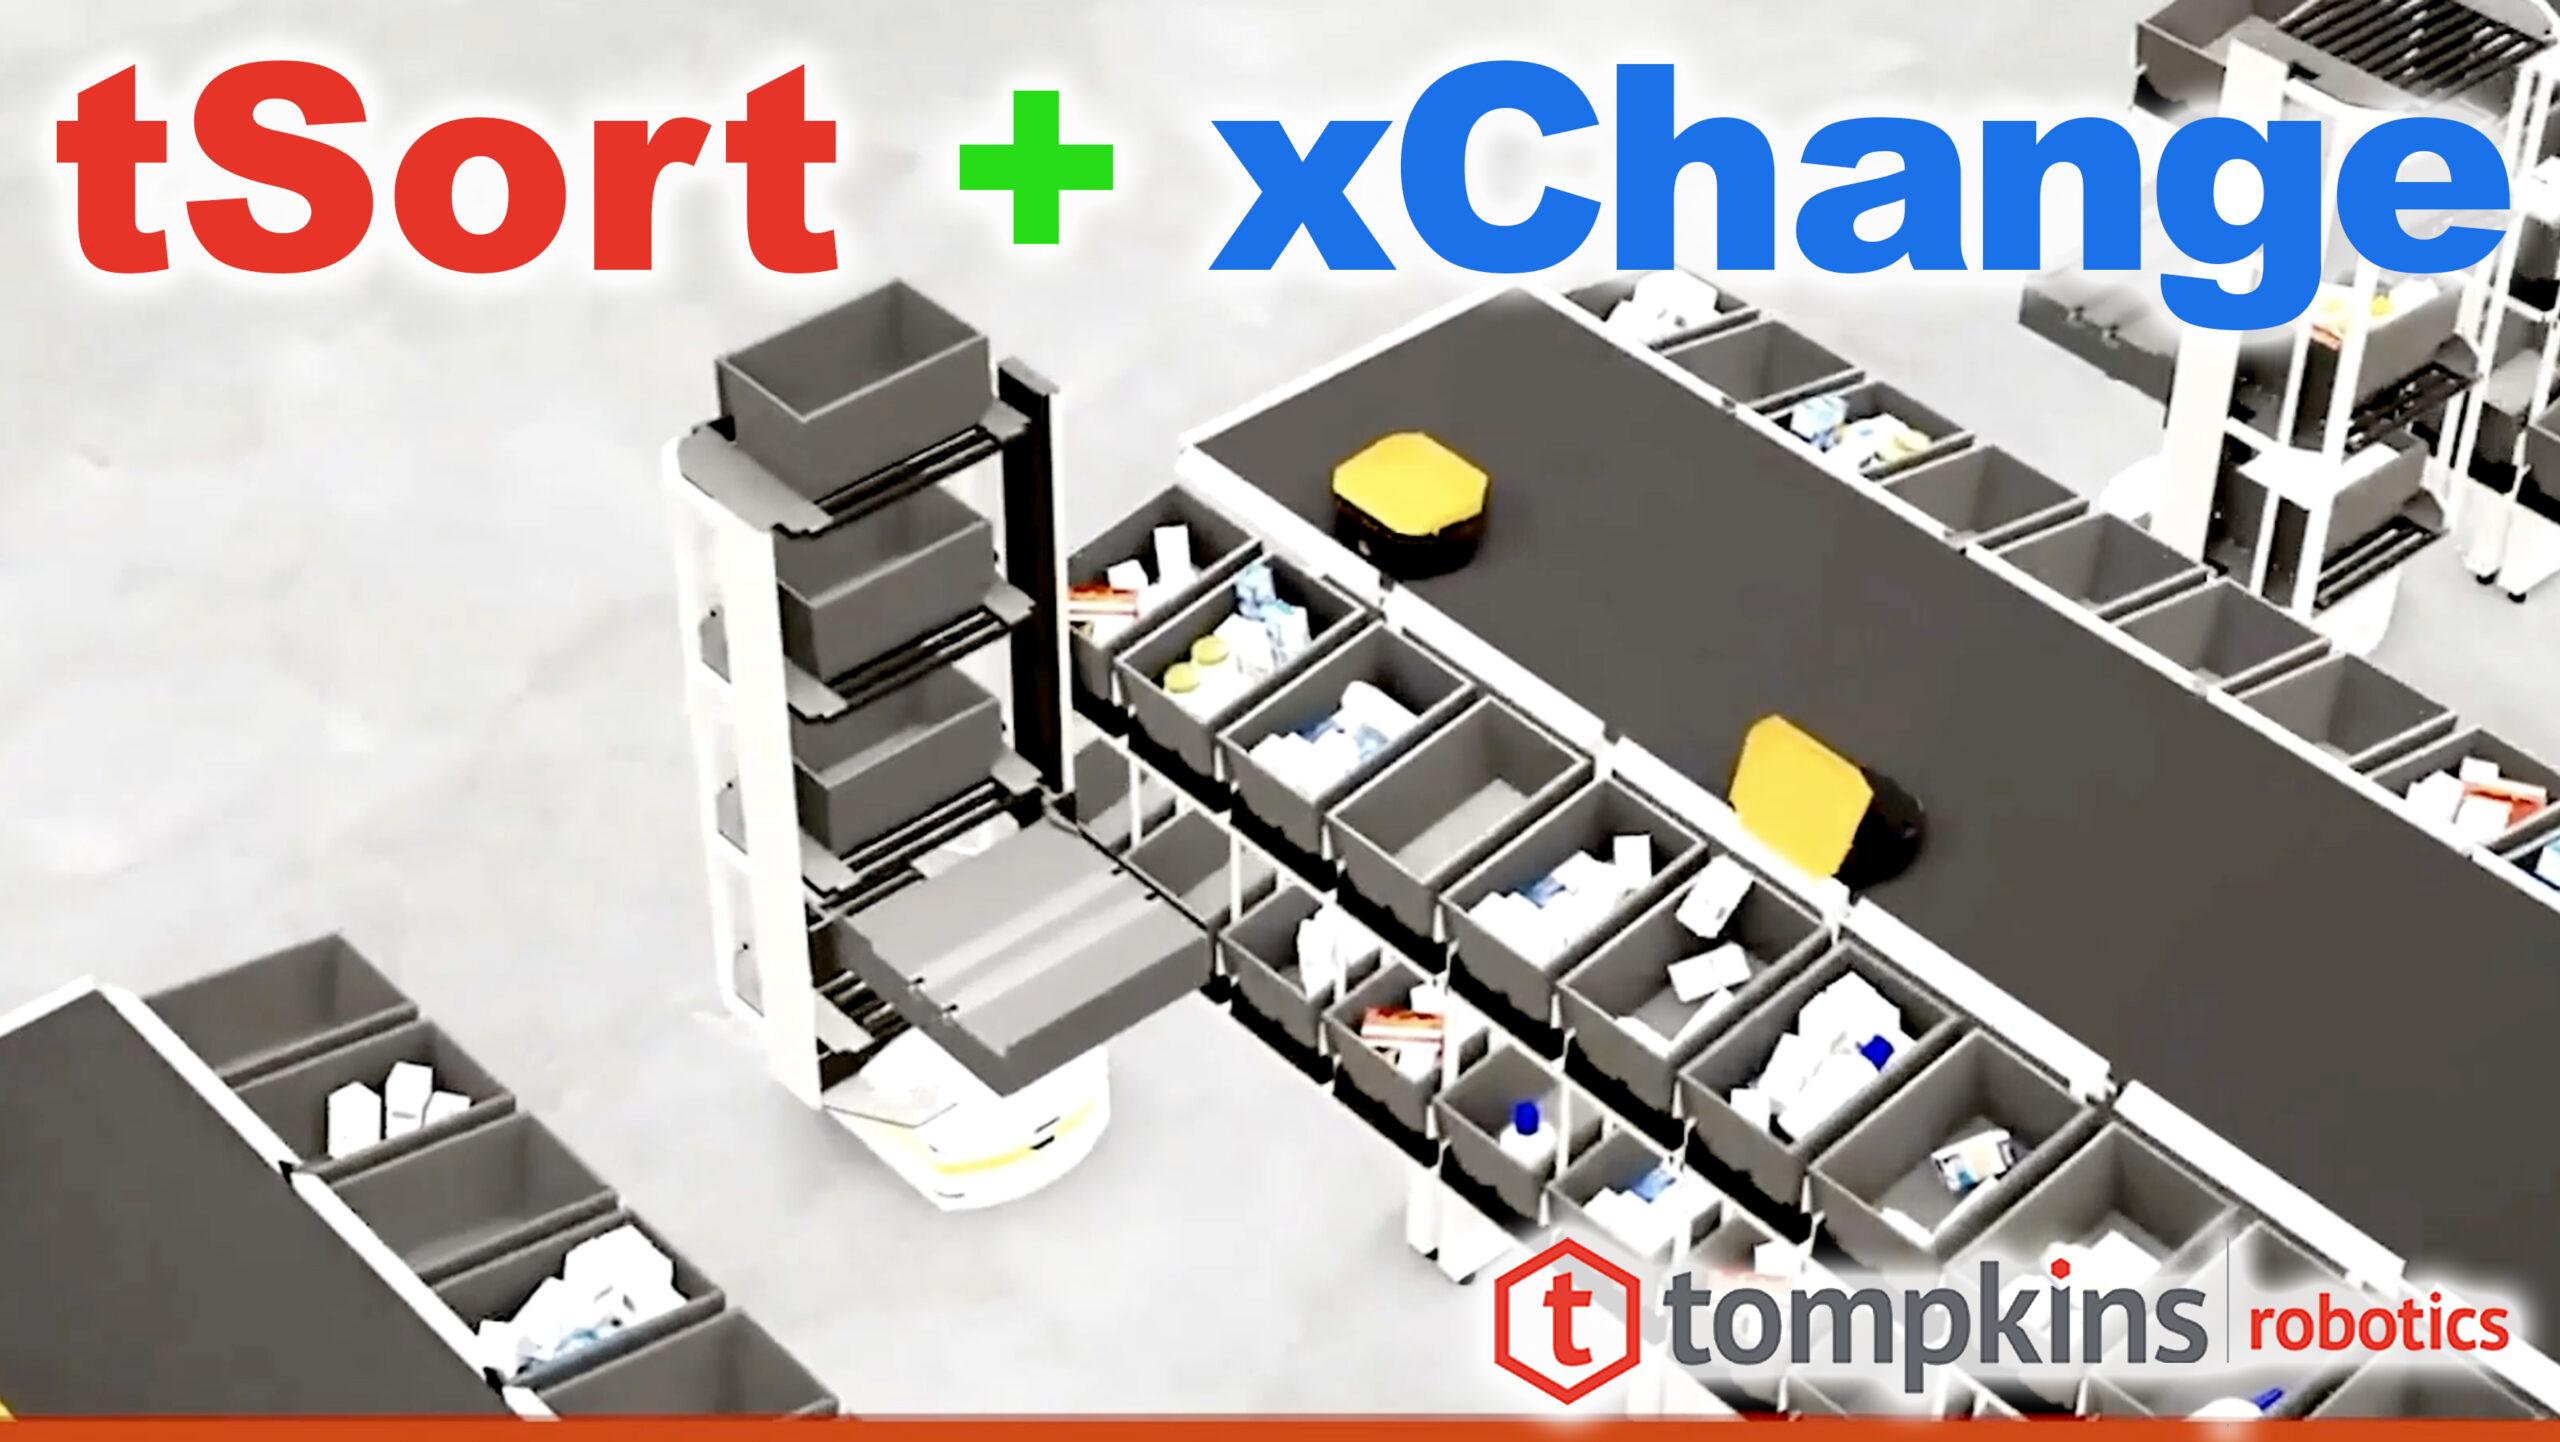 Tompkins Robotics Promat Product Video 2